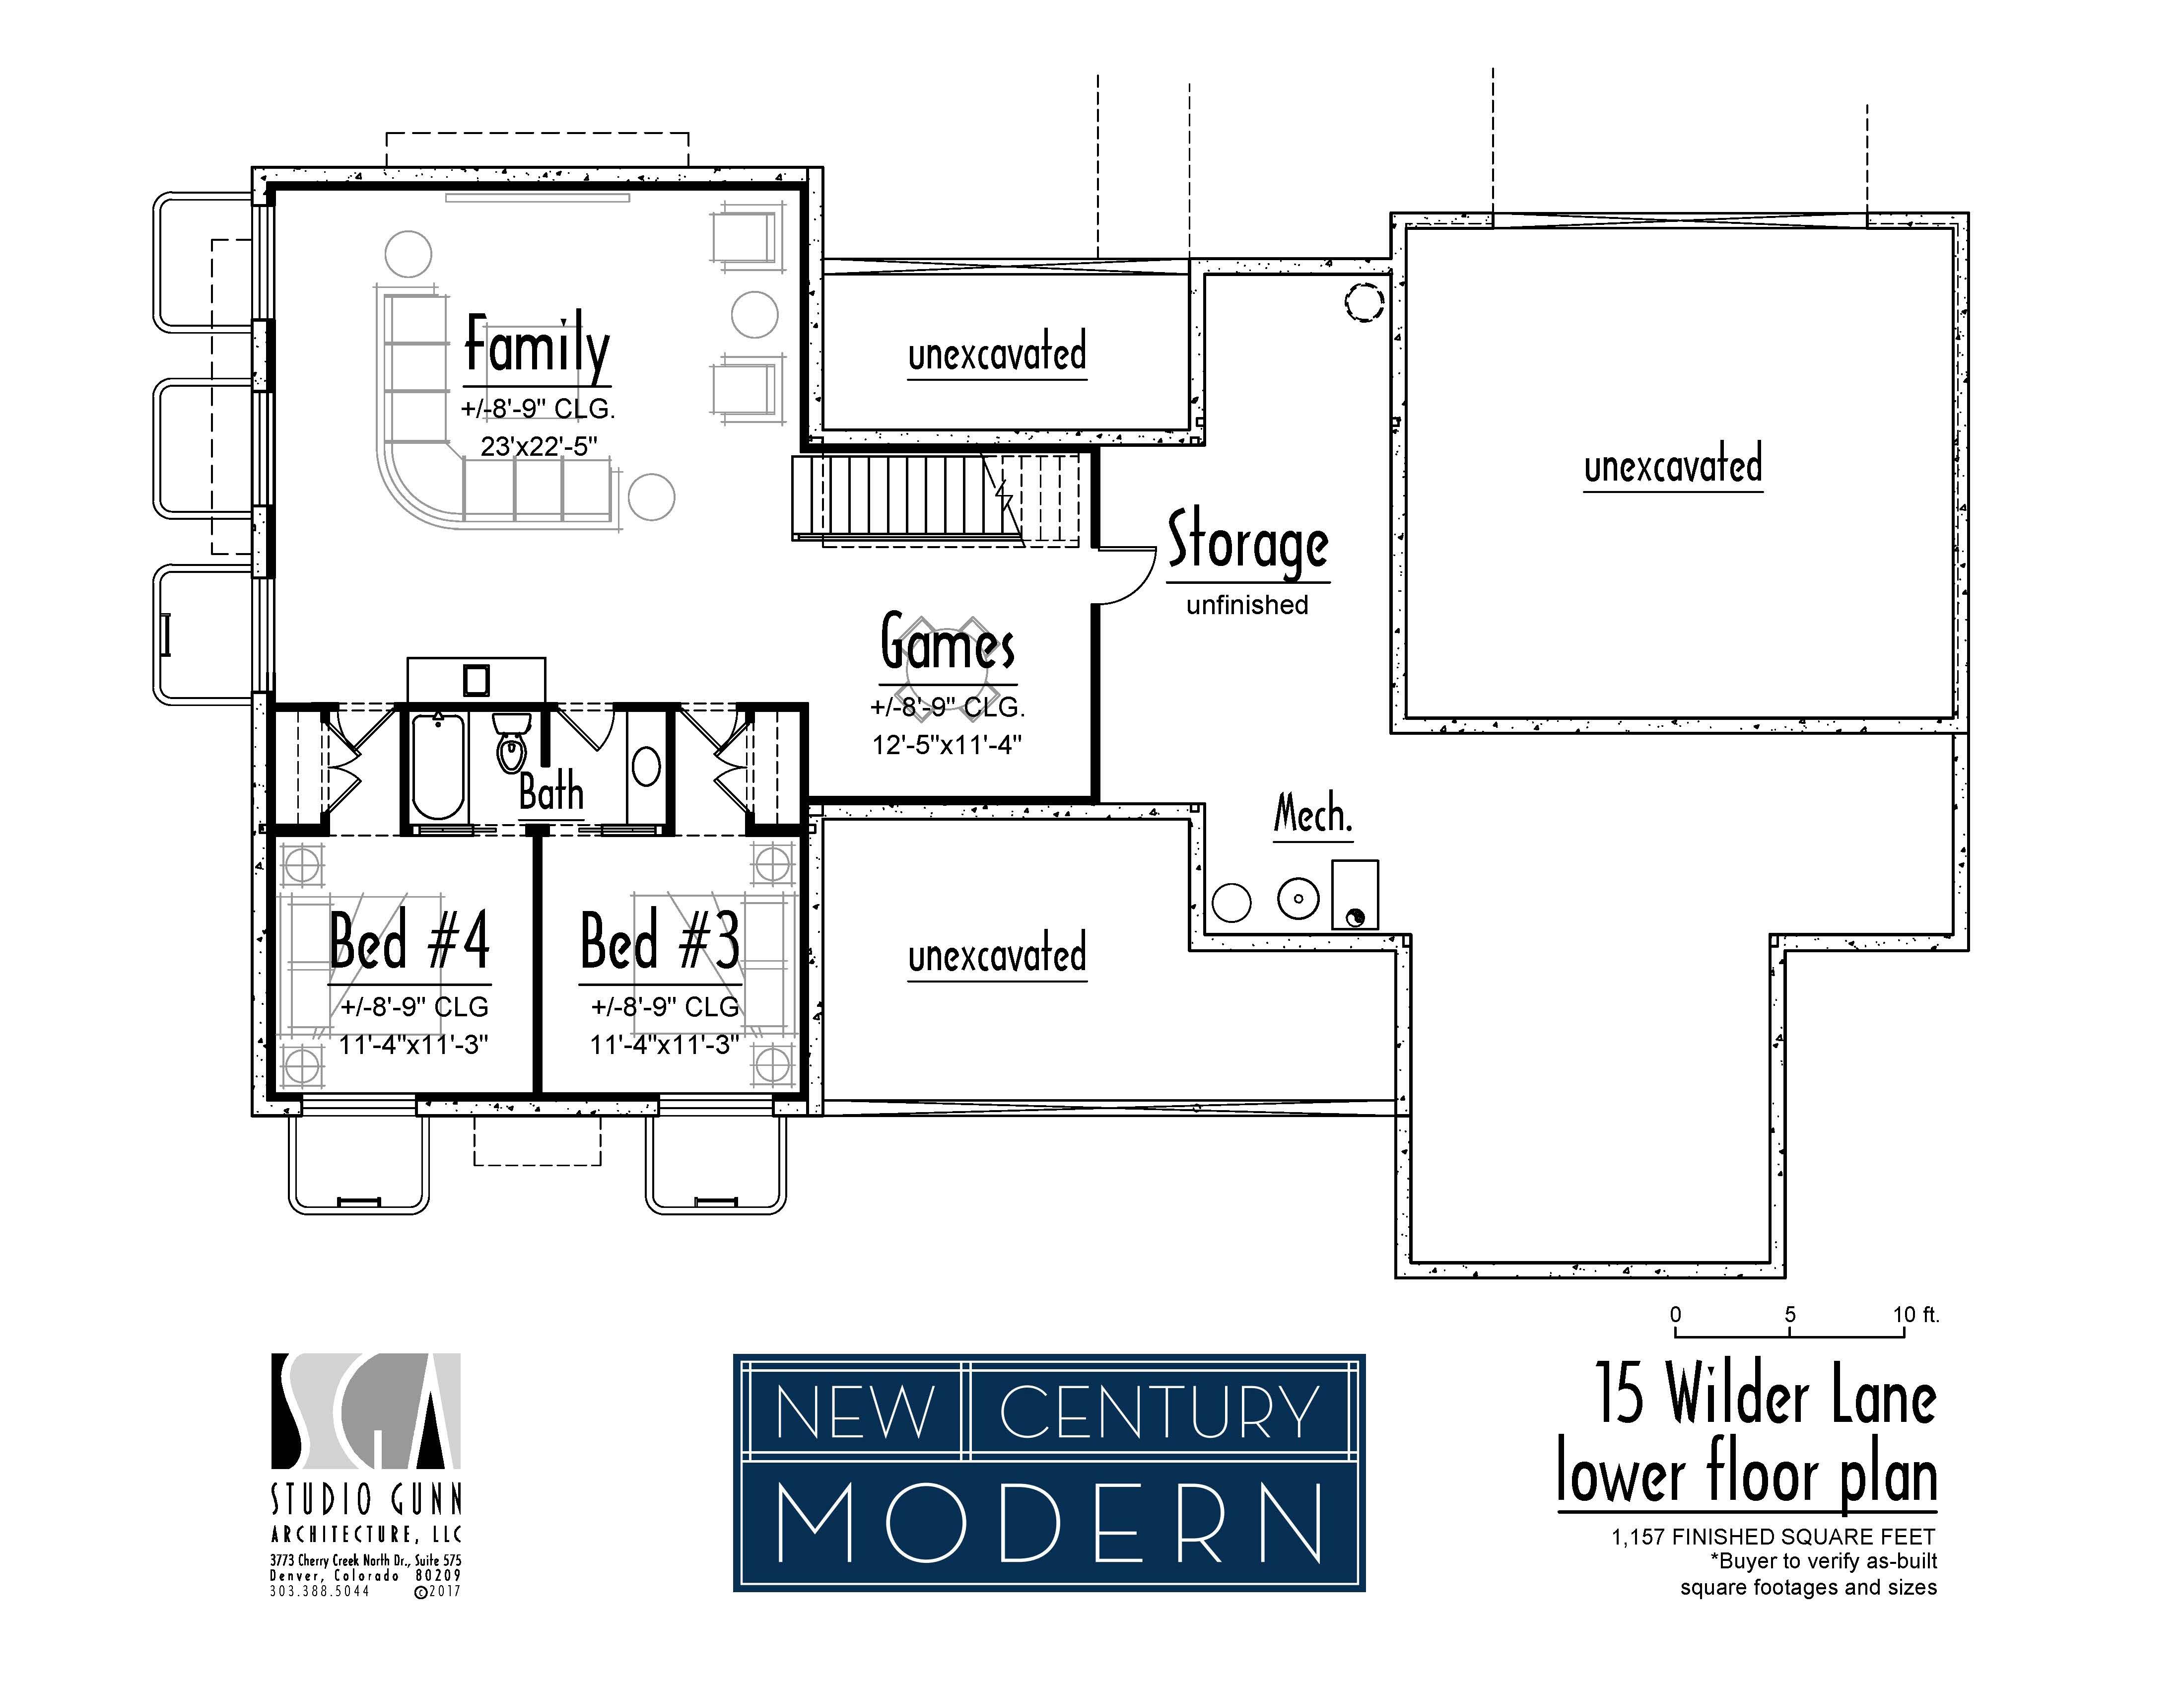 15 WL Lower Floor 12.20.17